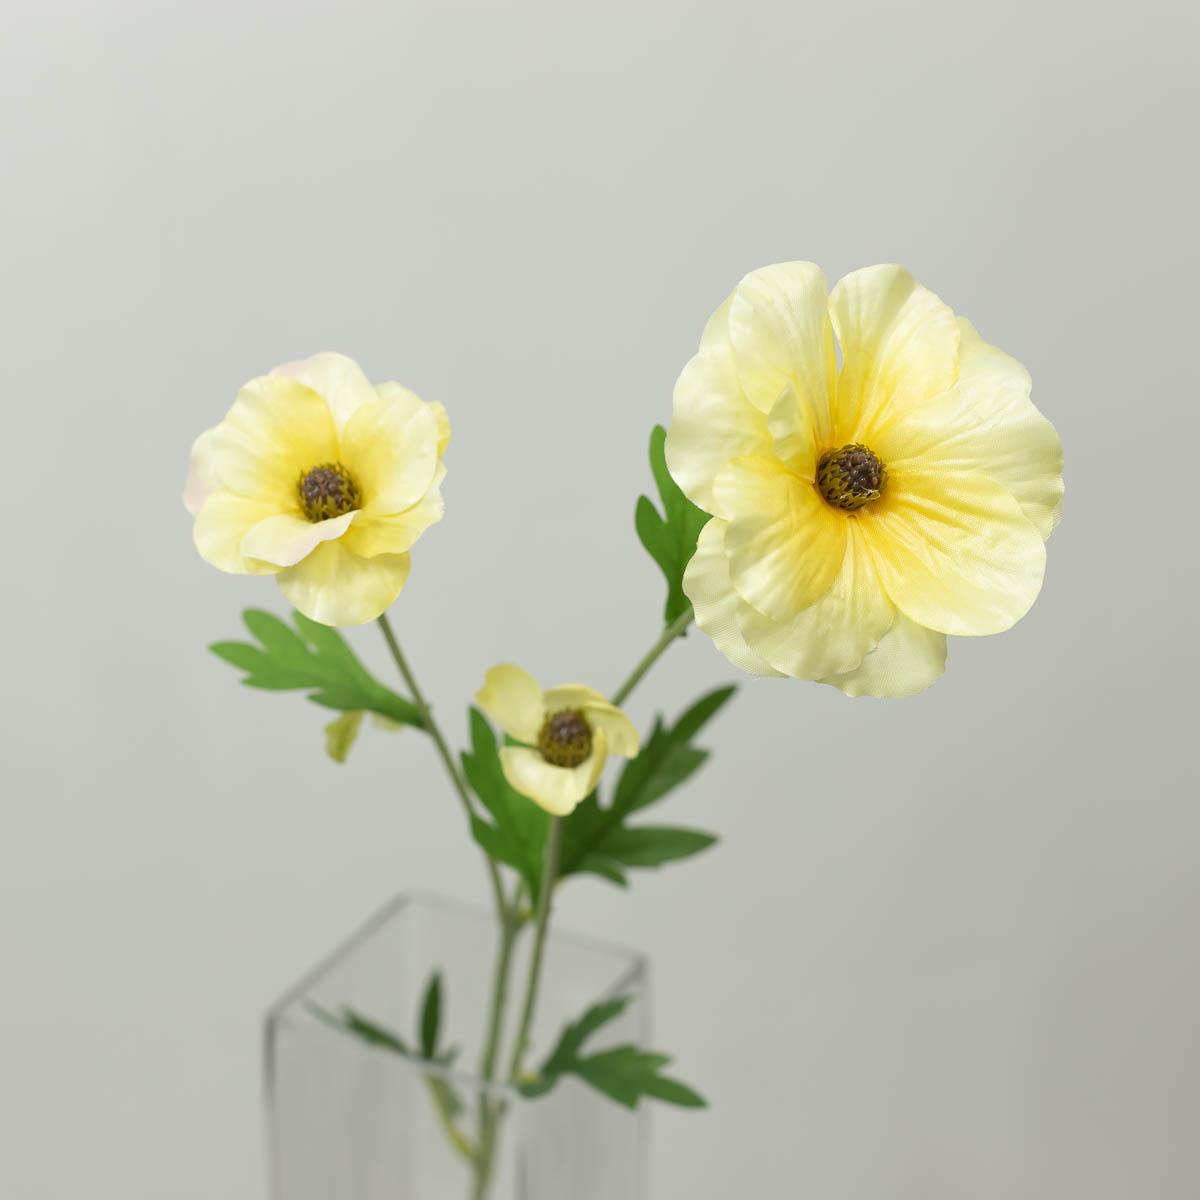 버터플라이 라넌큘러스 꽃 가지 60cm 옐로우